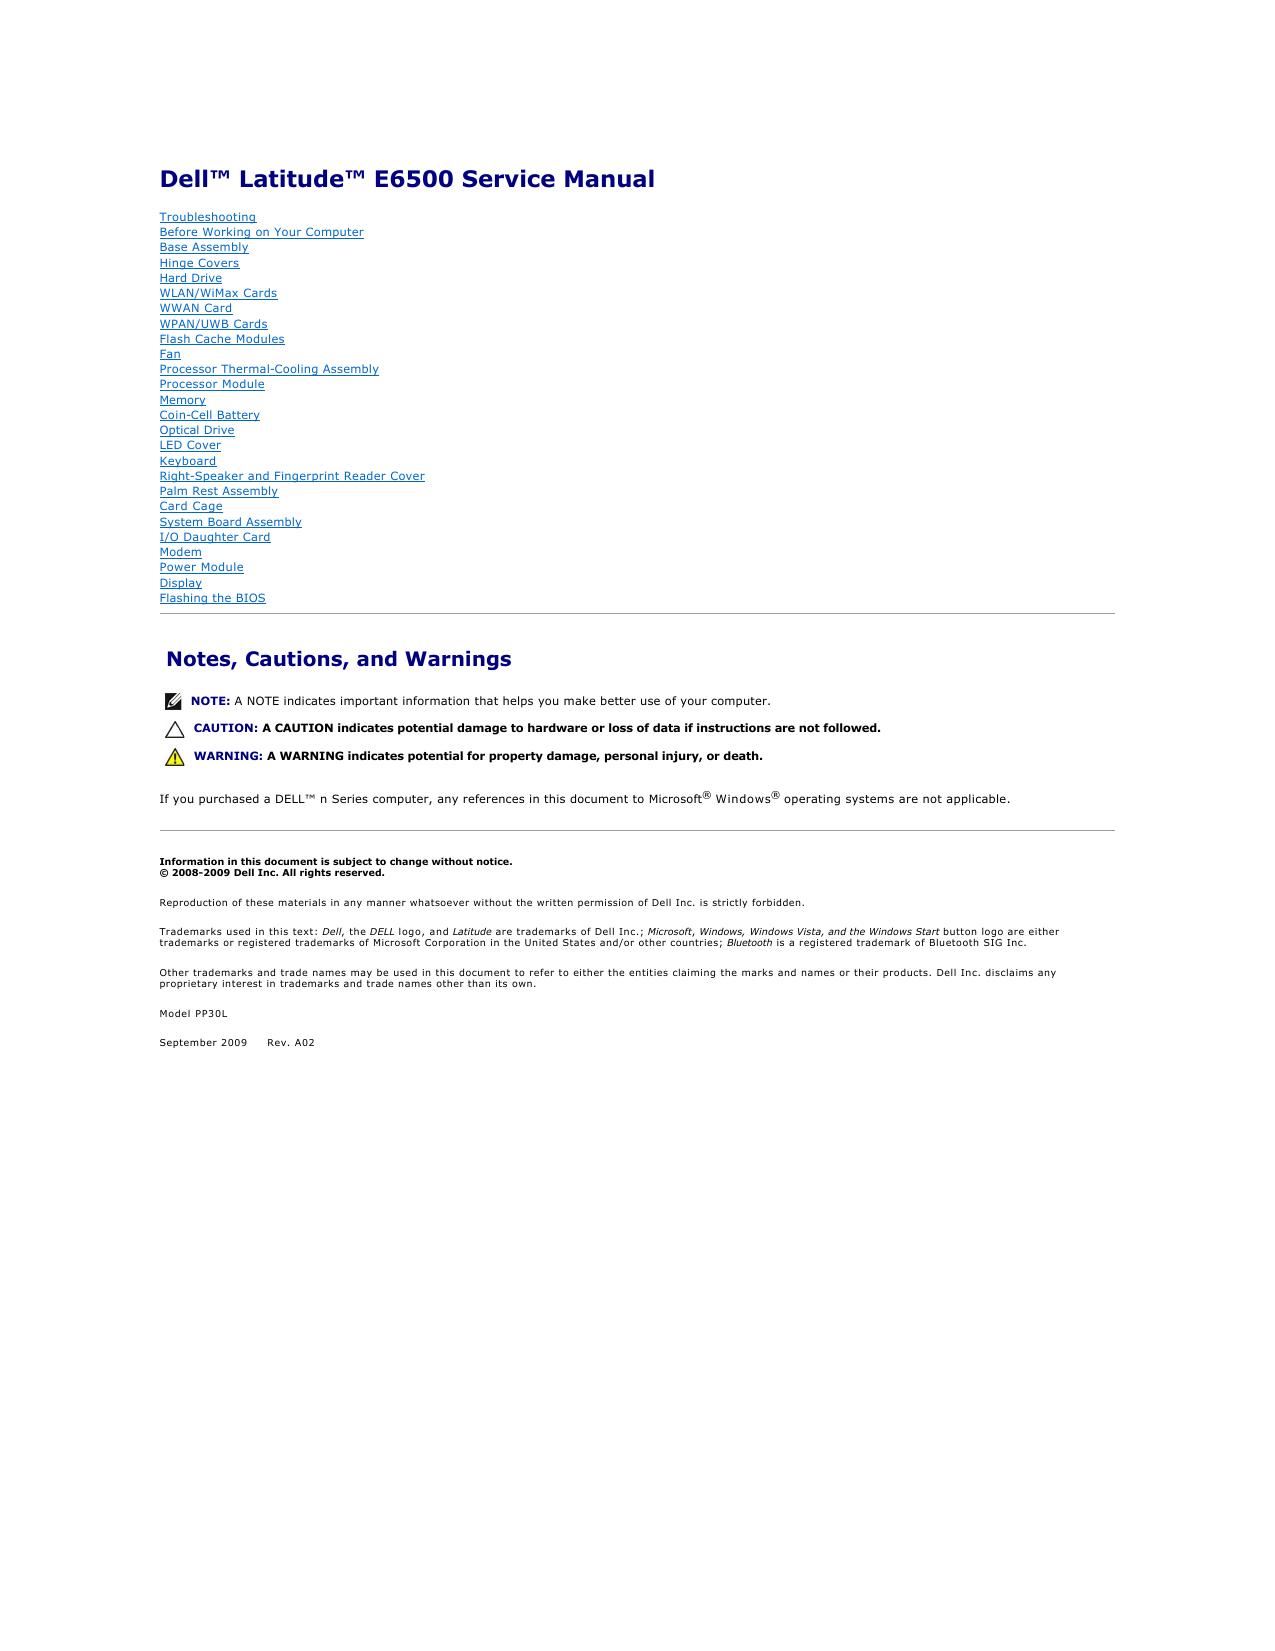 dell e6520 service manual pdf